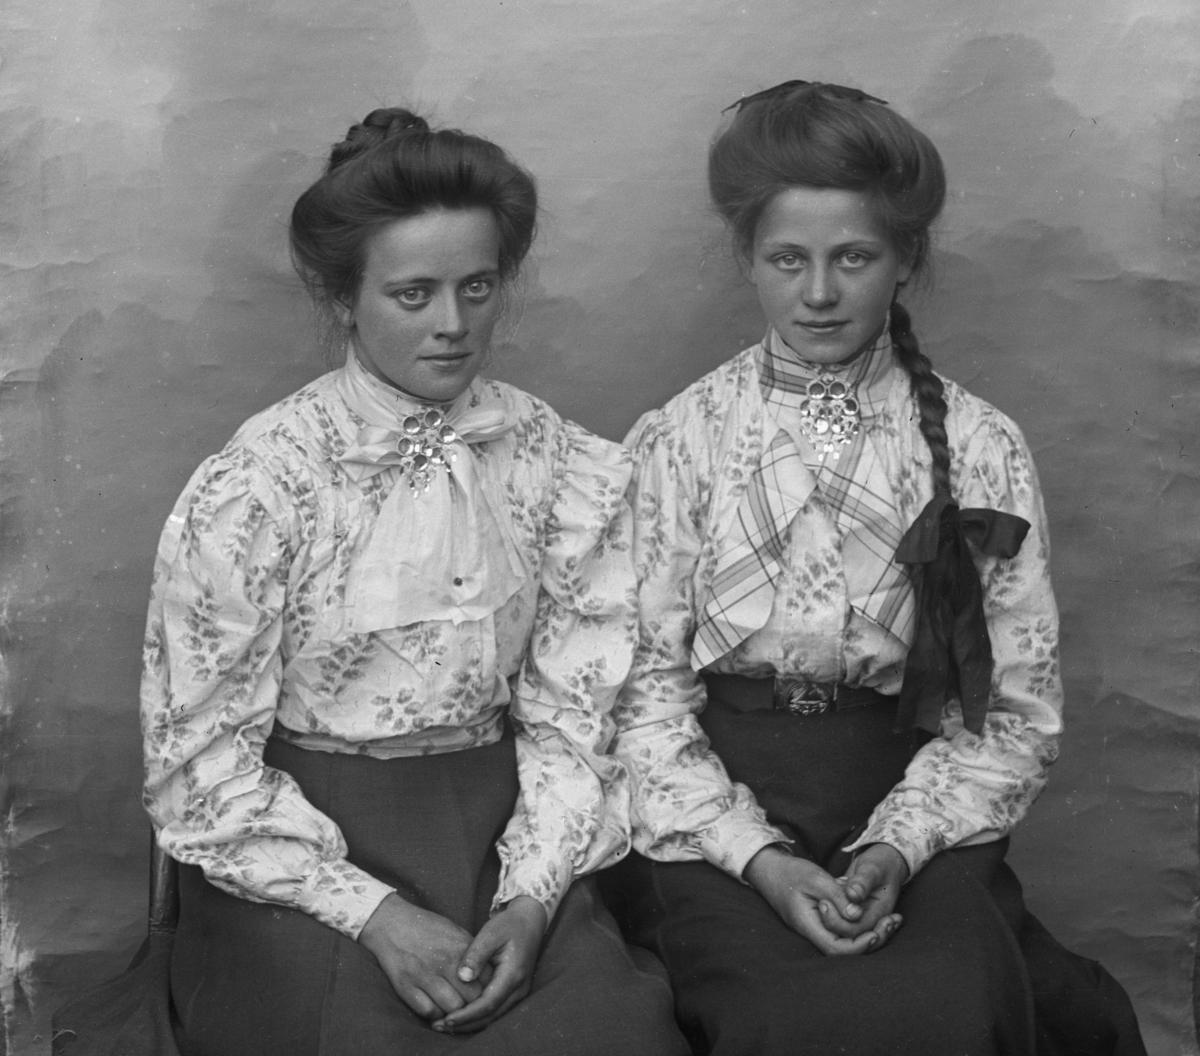 To unge jenter kledd i mønstrete lyse skjorter med søljer, den ene jenta med lang synlig flette. Lerretbakgrunn